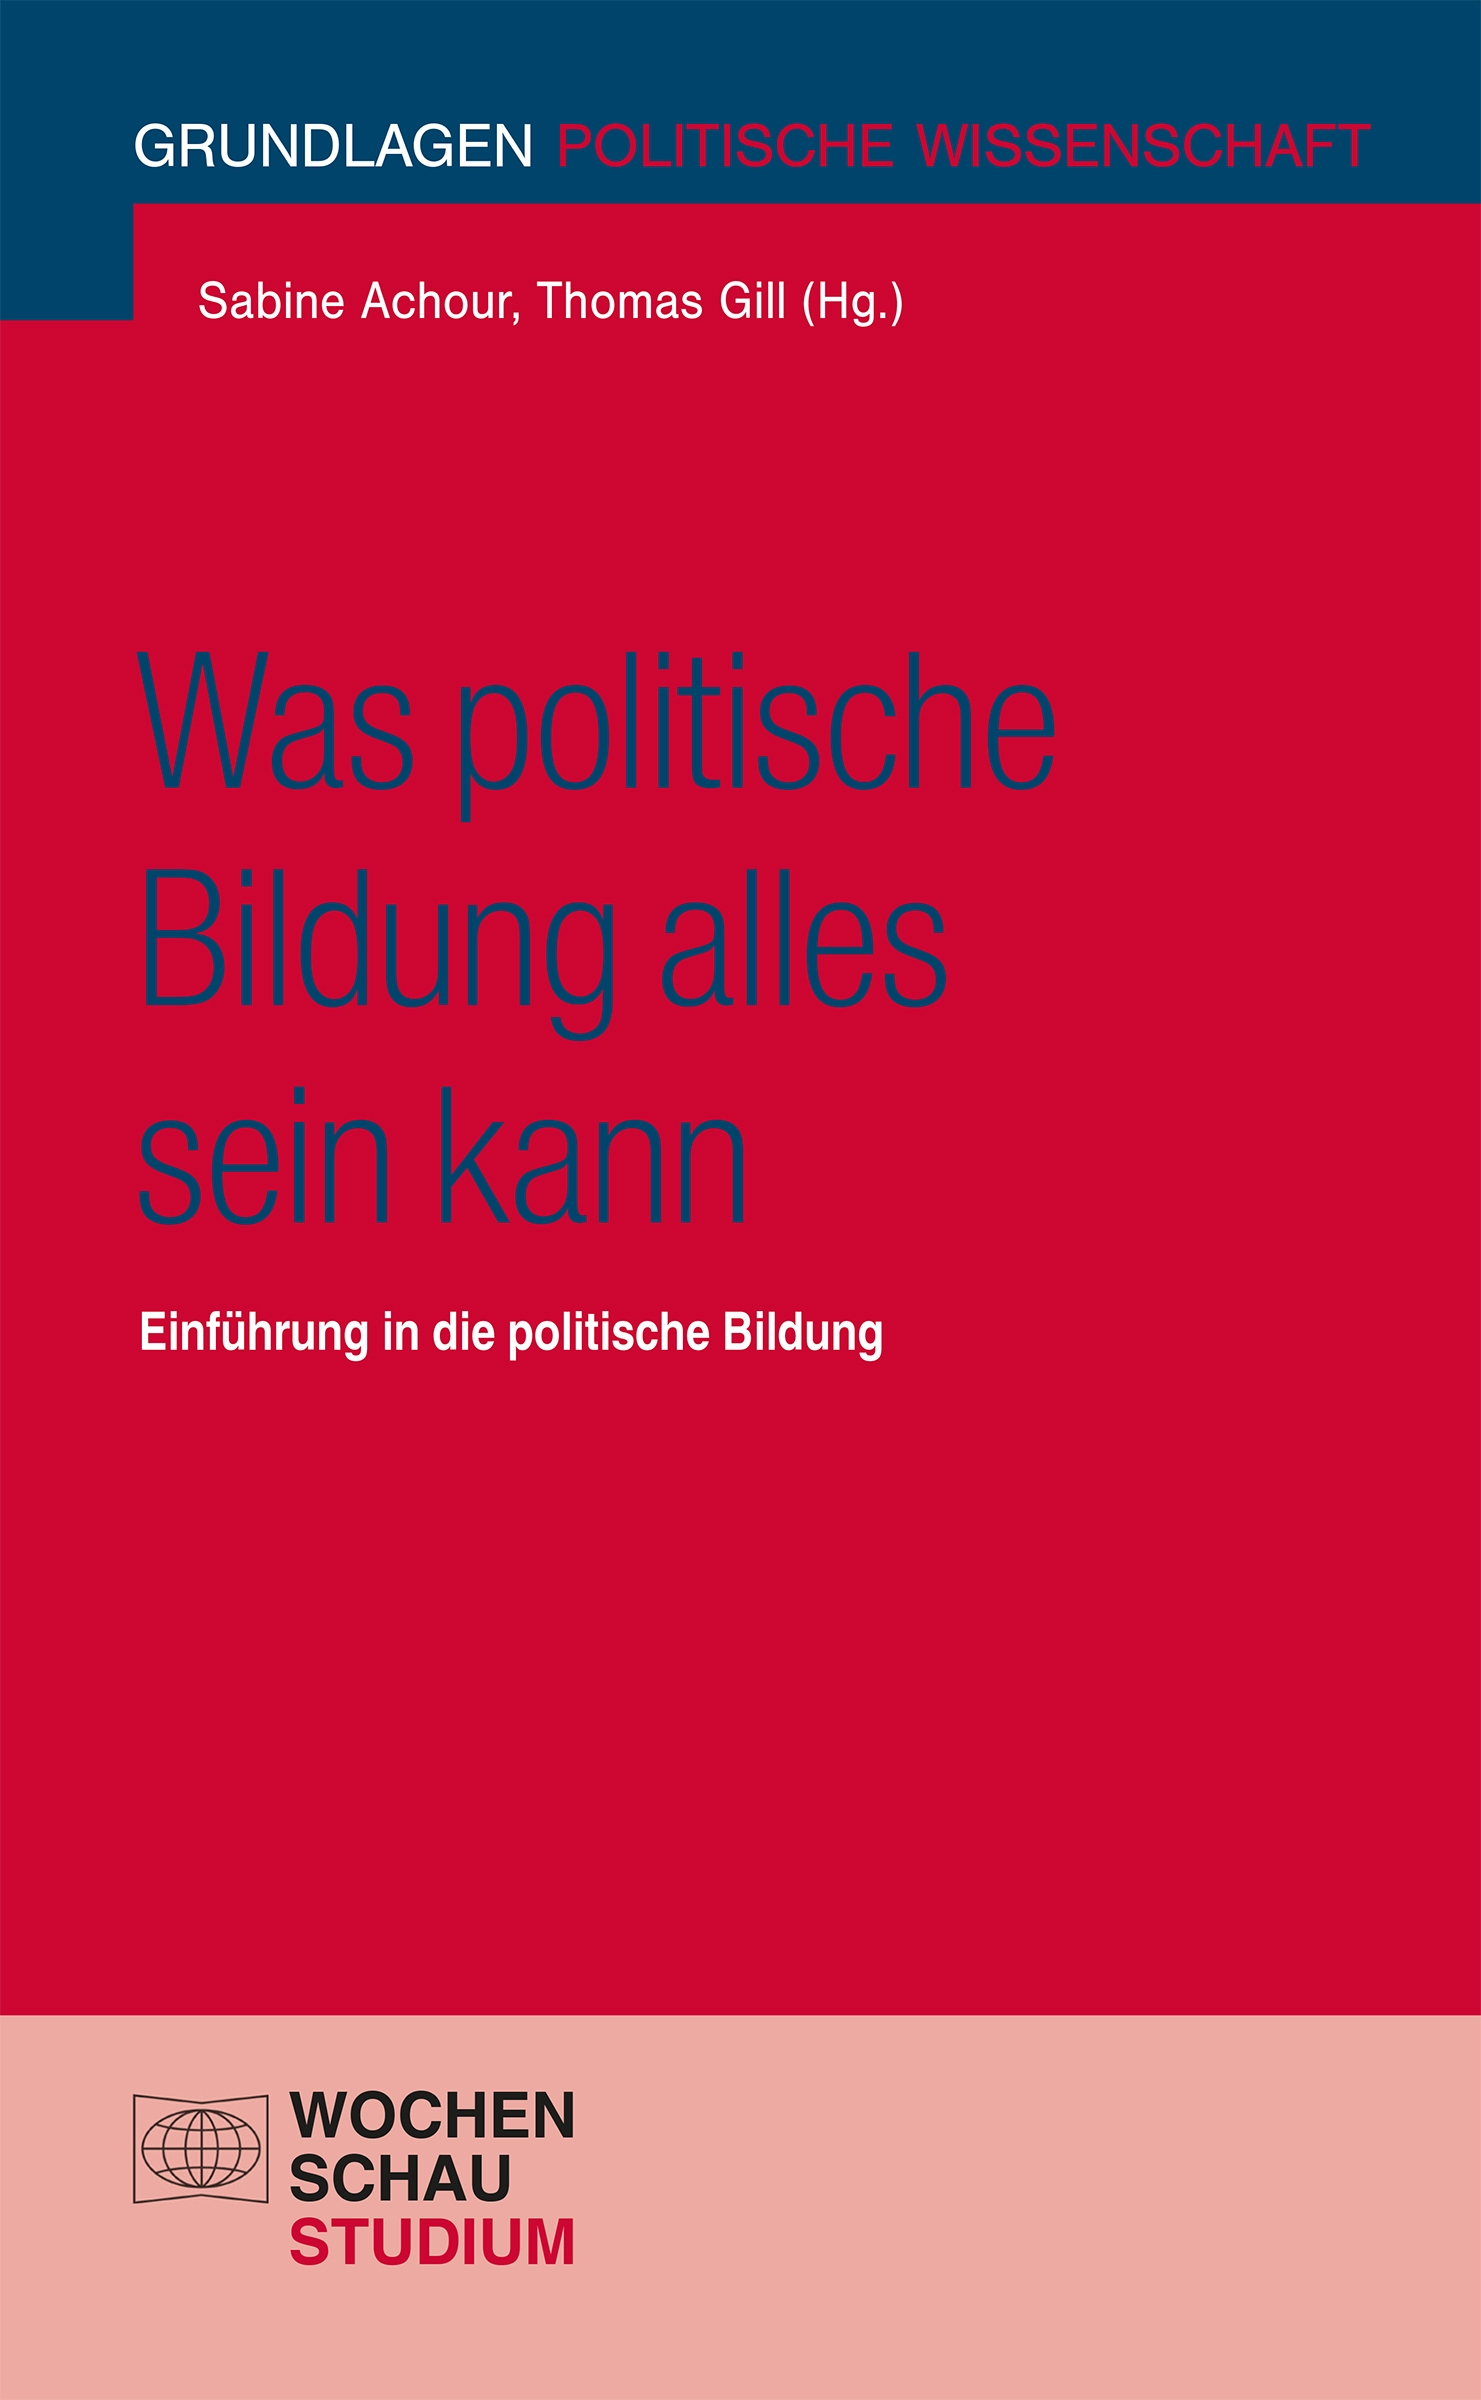 Was politische Bildung alles sein kann